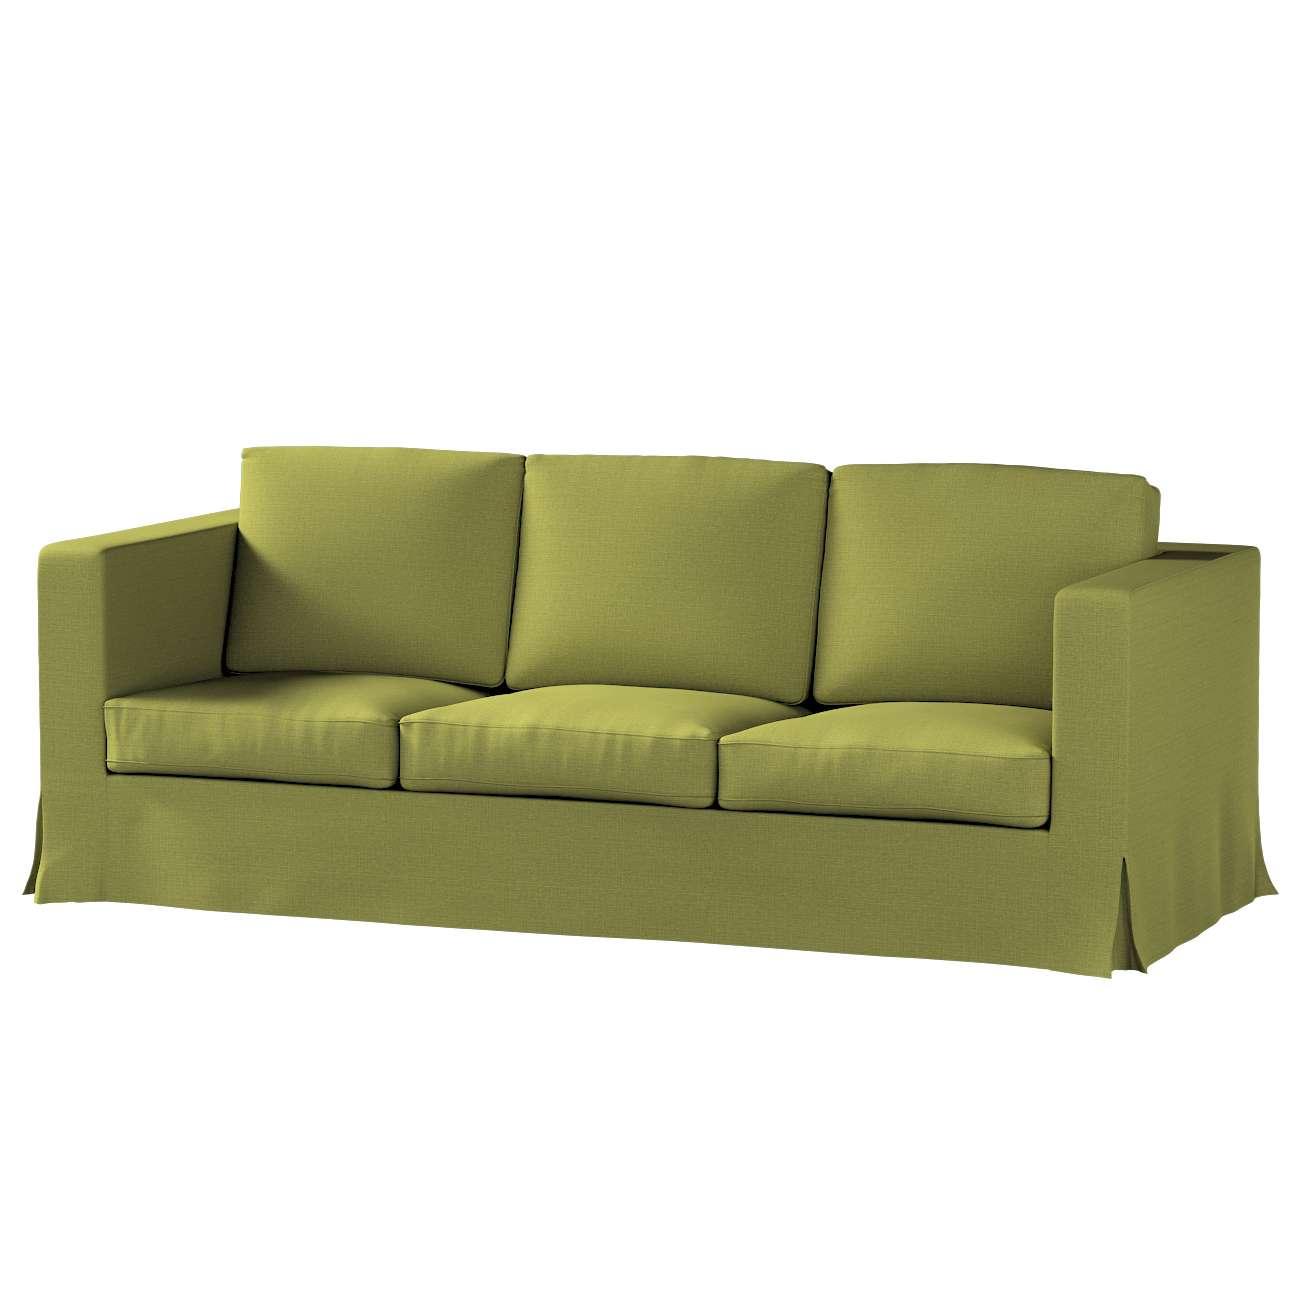 Karlanda klädsel 3-sits soffa - lång i kollektionen Living 2, Tyg: 161-13